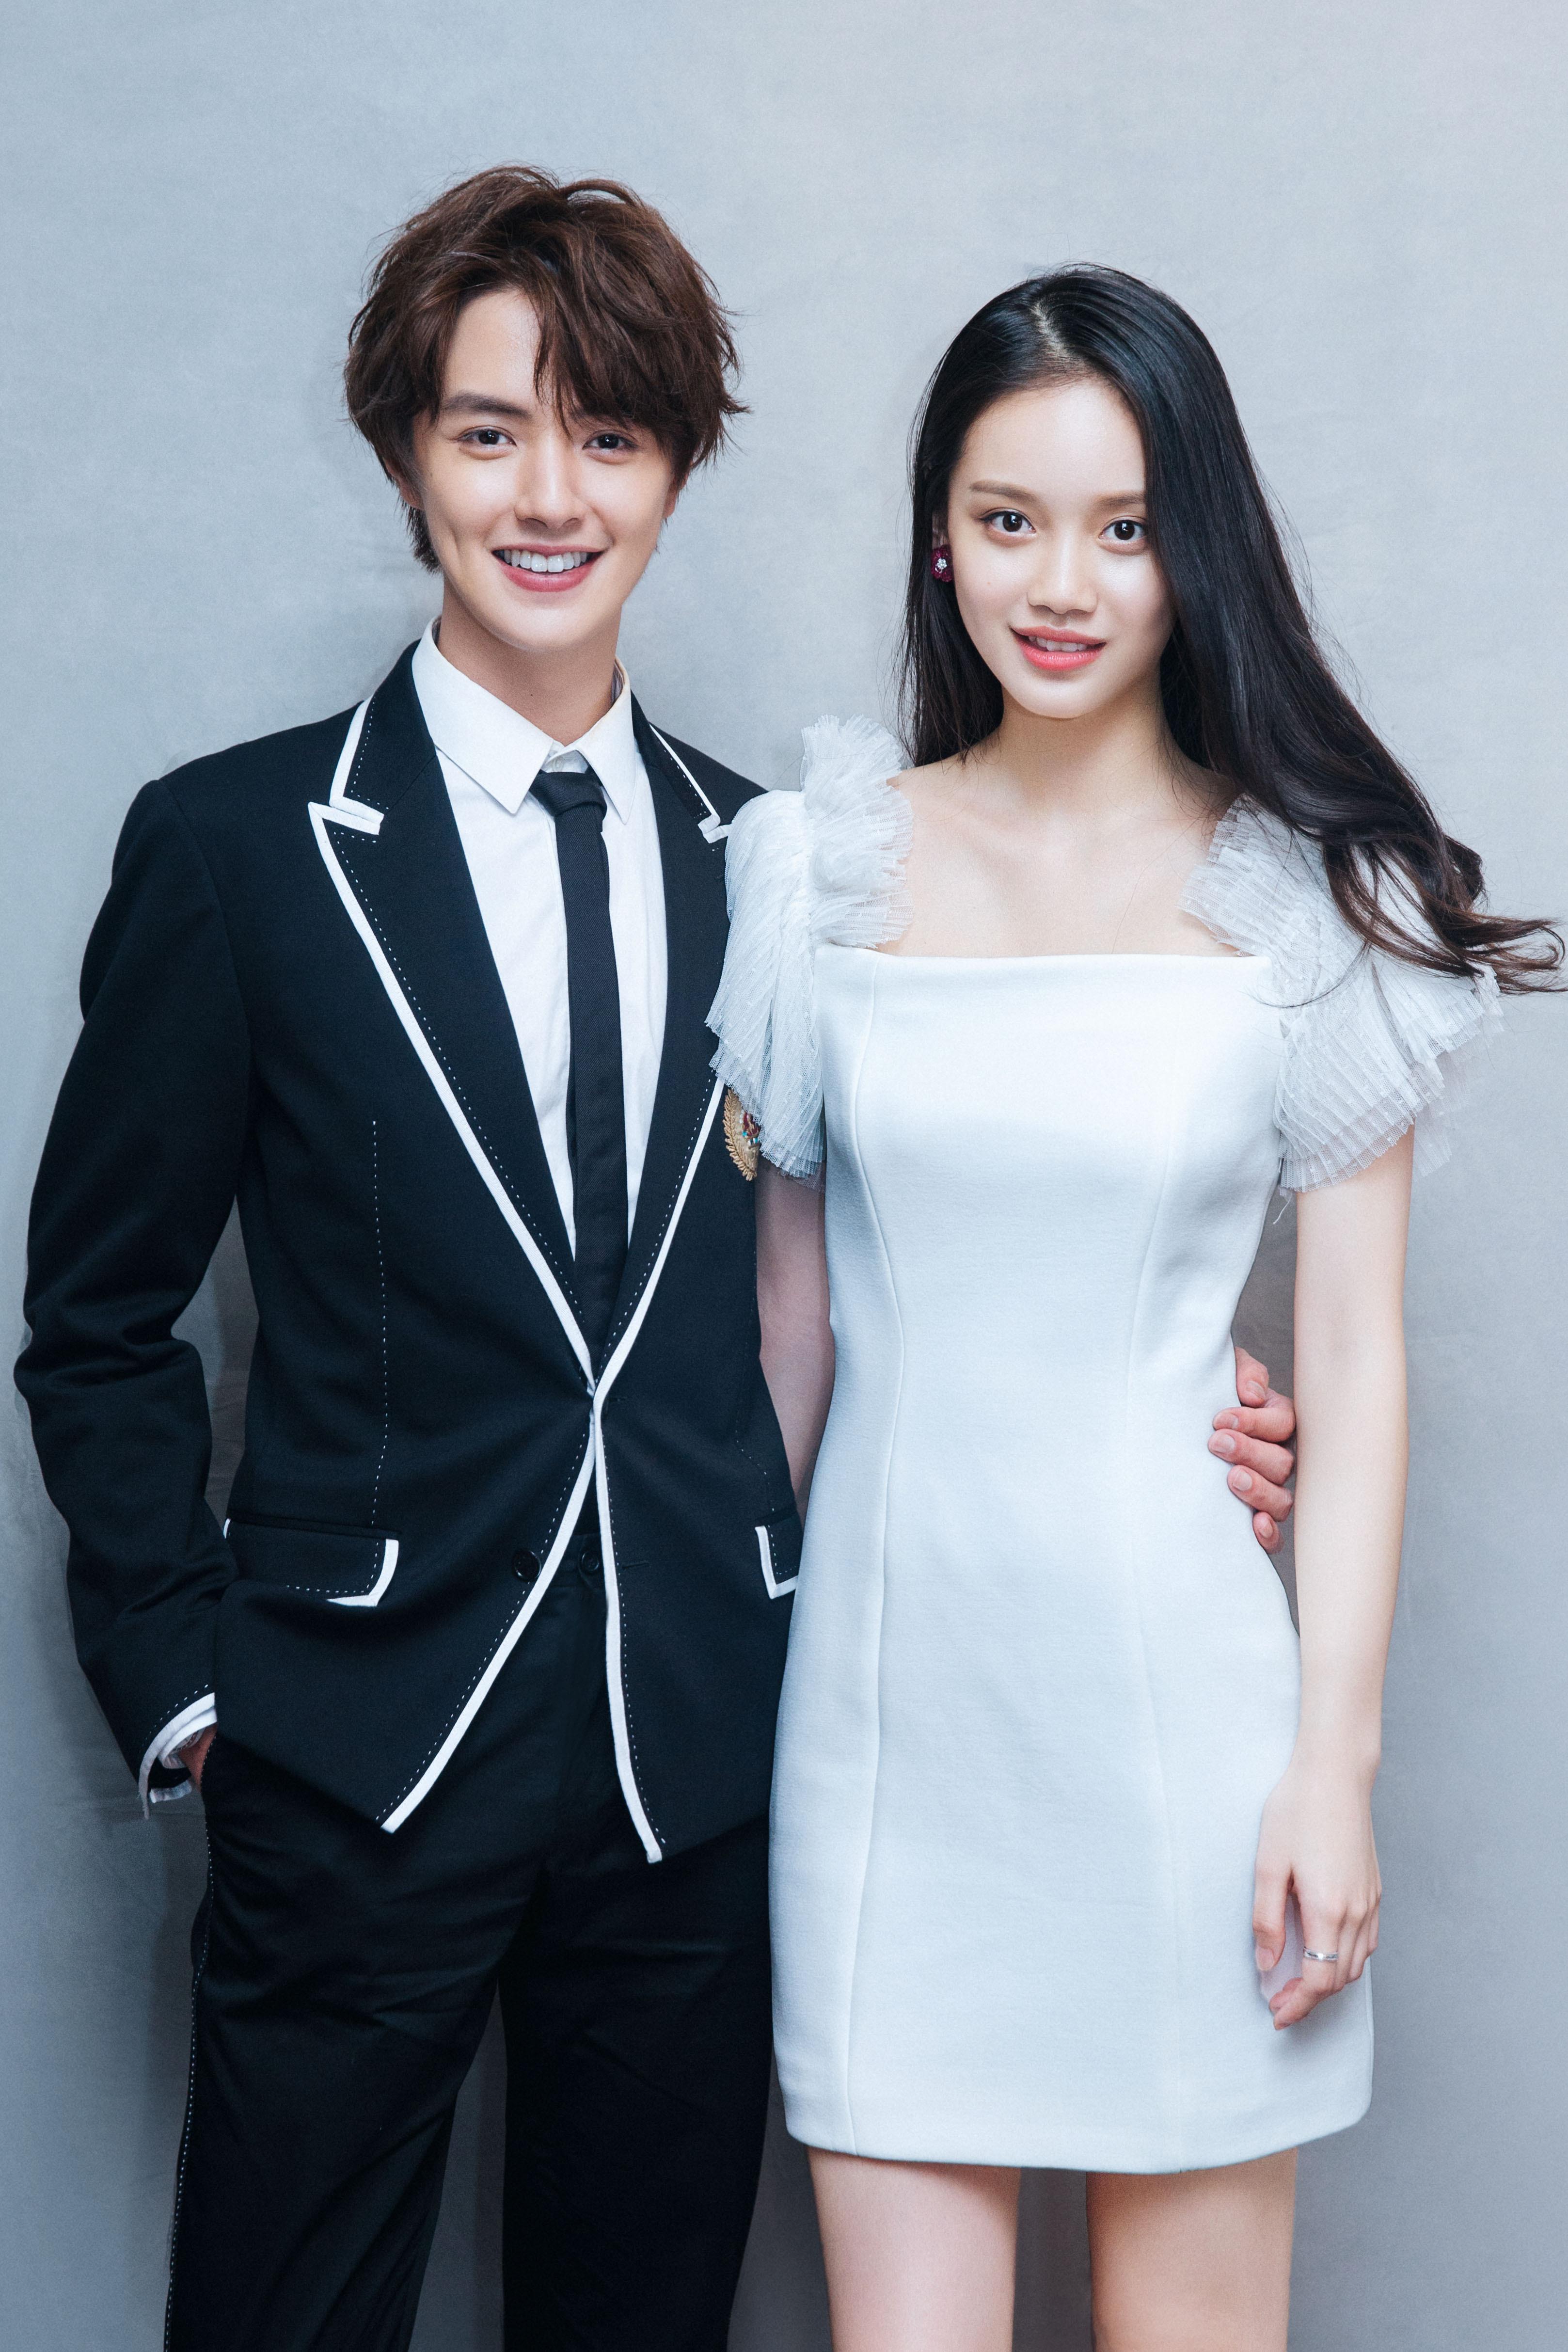 孙伊涵发布《流星花园》亮相白色时尚a白色短裙大气2跟技法的裙子带子图片